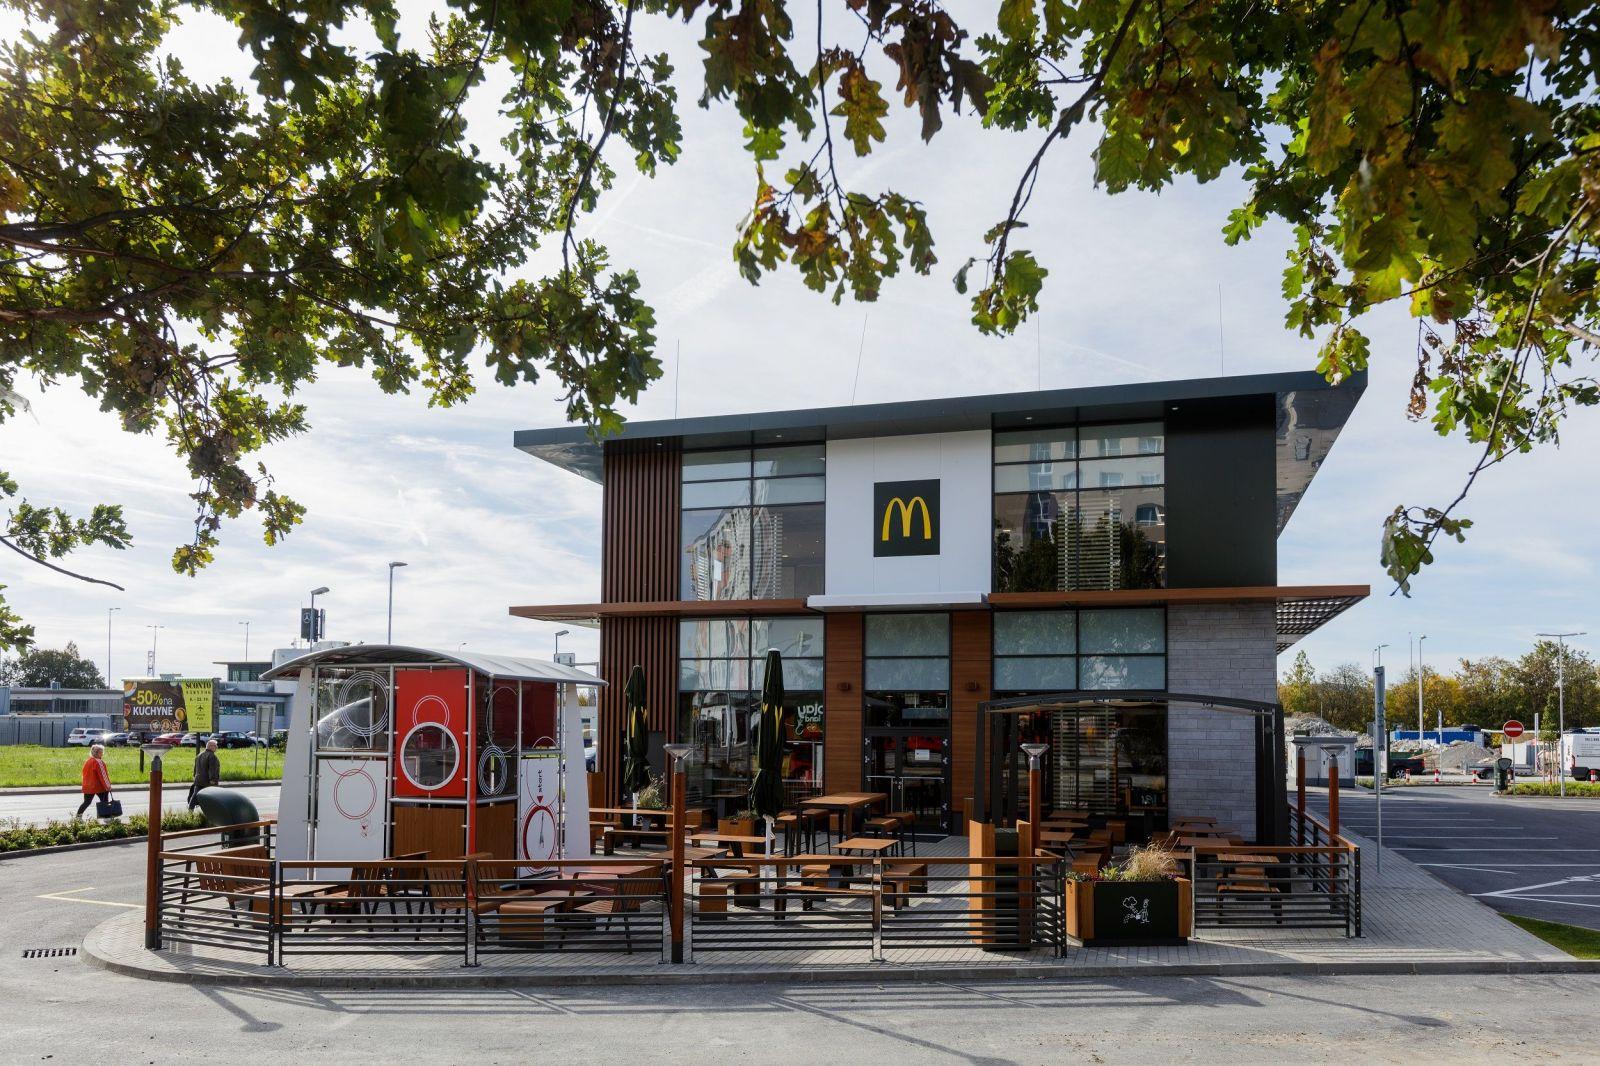 McDonald's začínal na Slovensku s prevádzkou v Banskej Bystrici, dnes ich má 35 a zamestnáva 2 600 ľudí